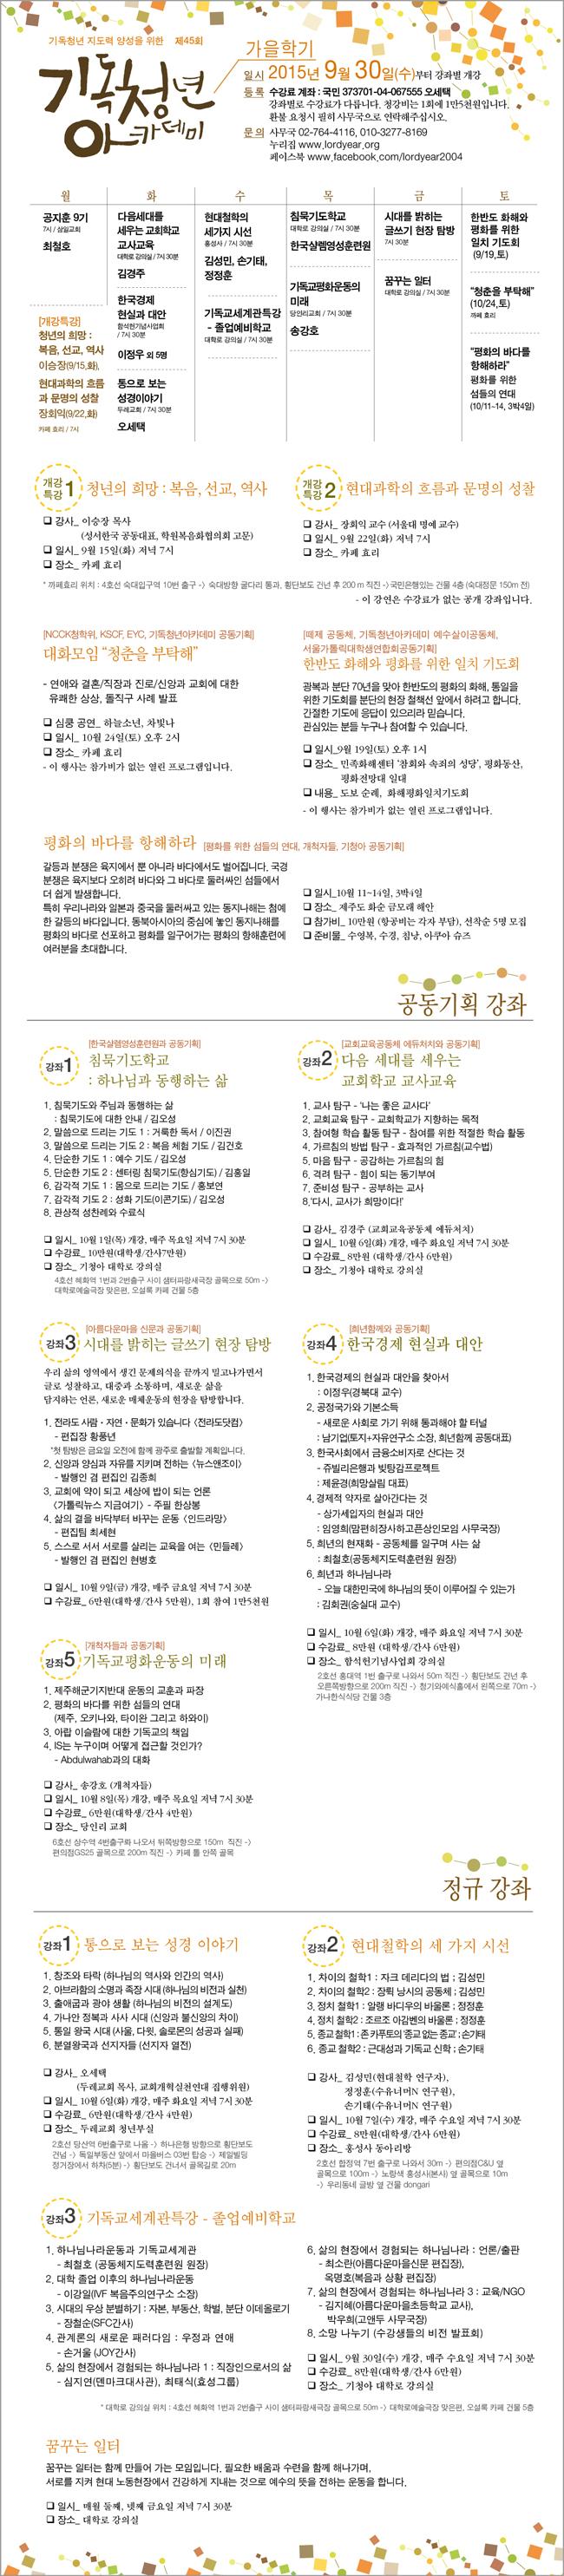 45회기청아뉴스레터.jpg